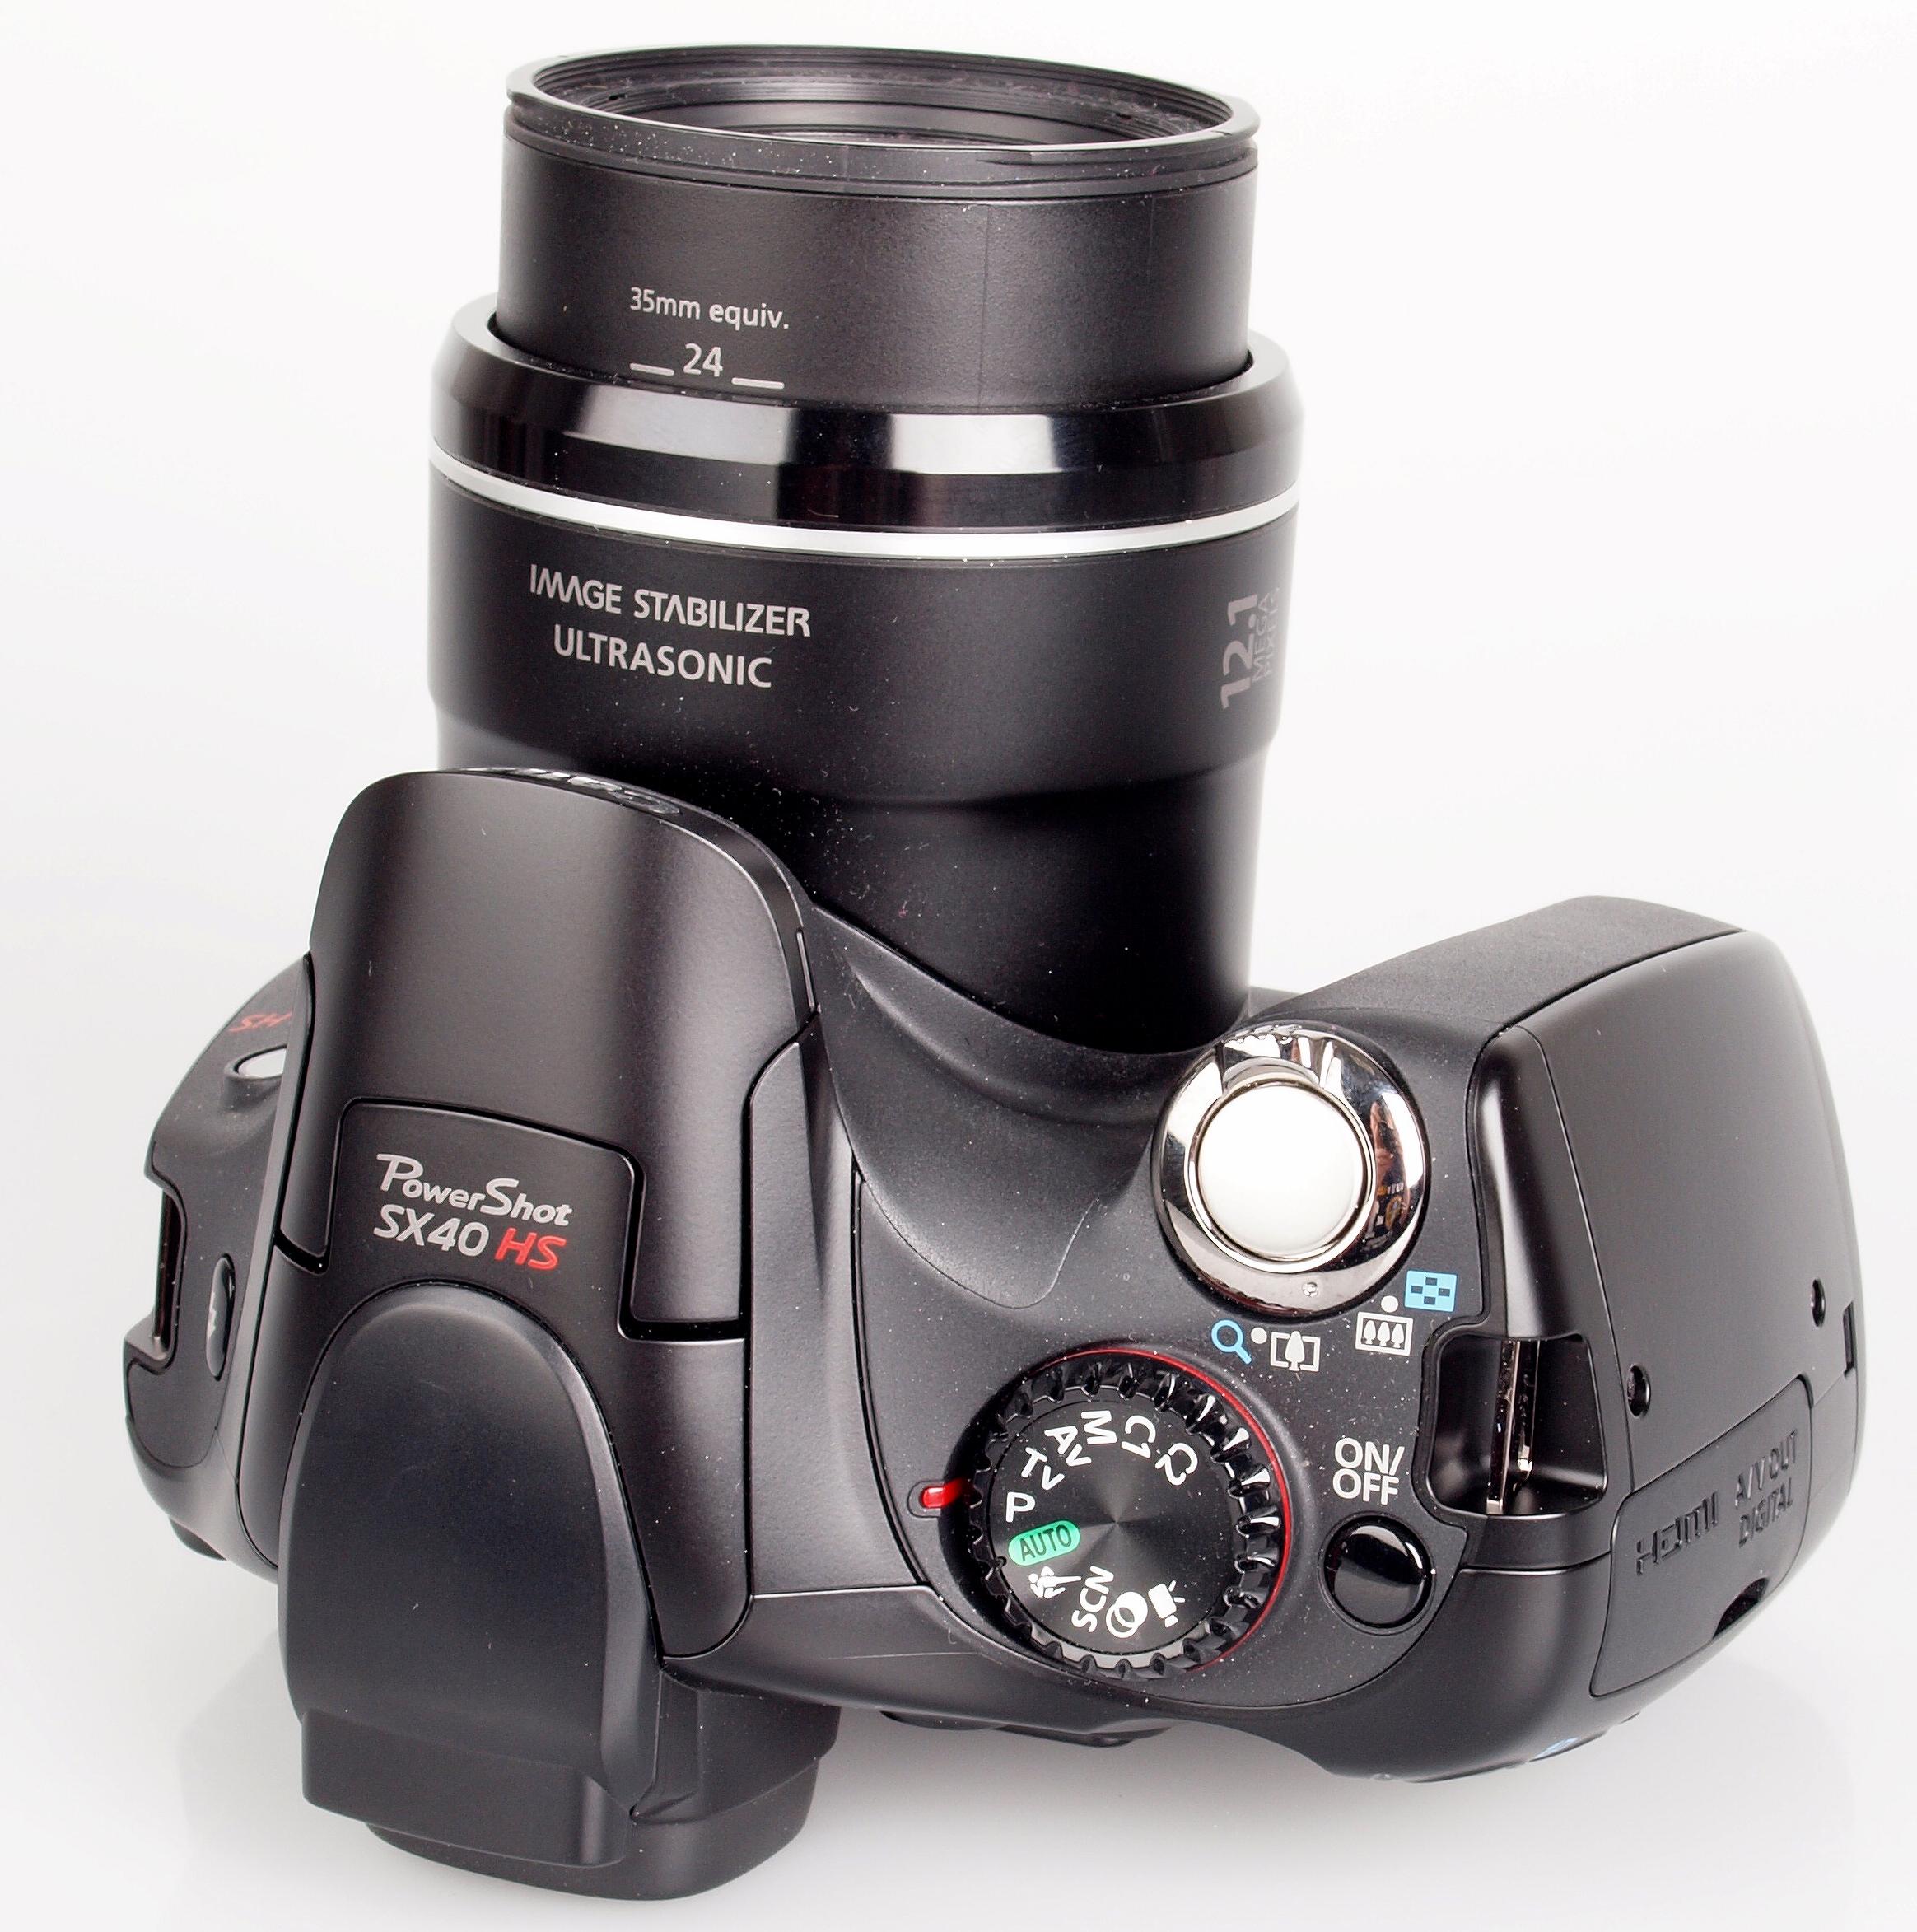 Canon PowerShot SX40 HS top.